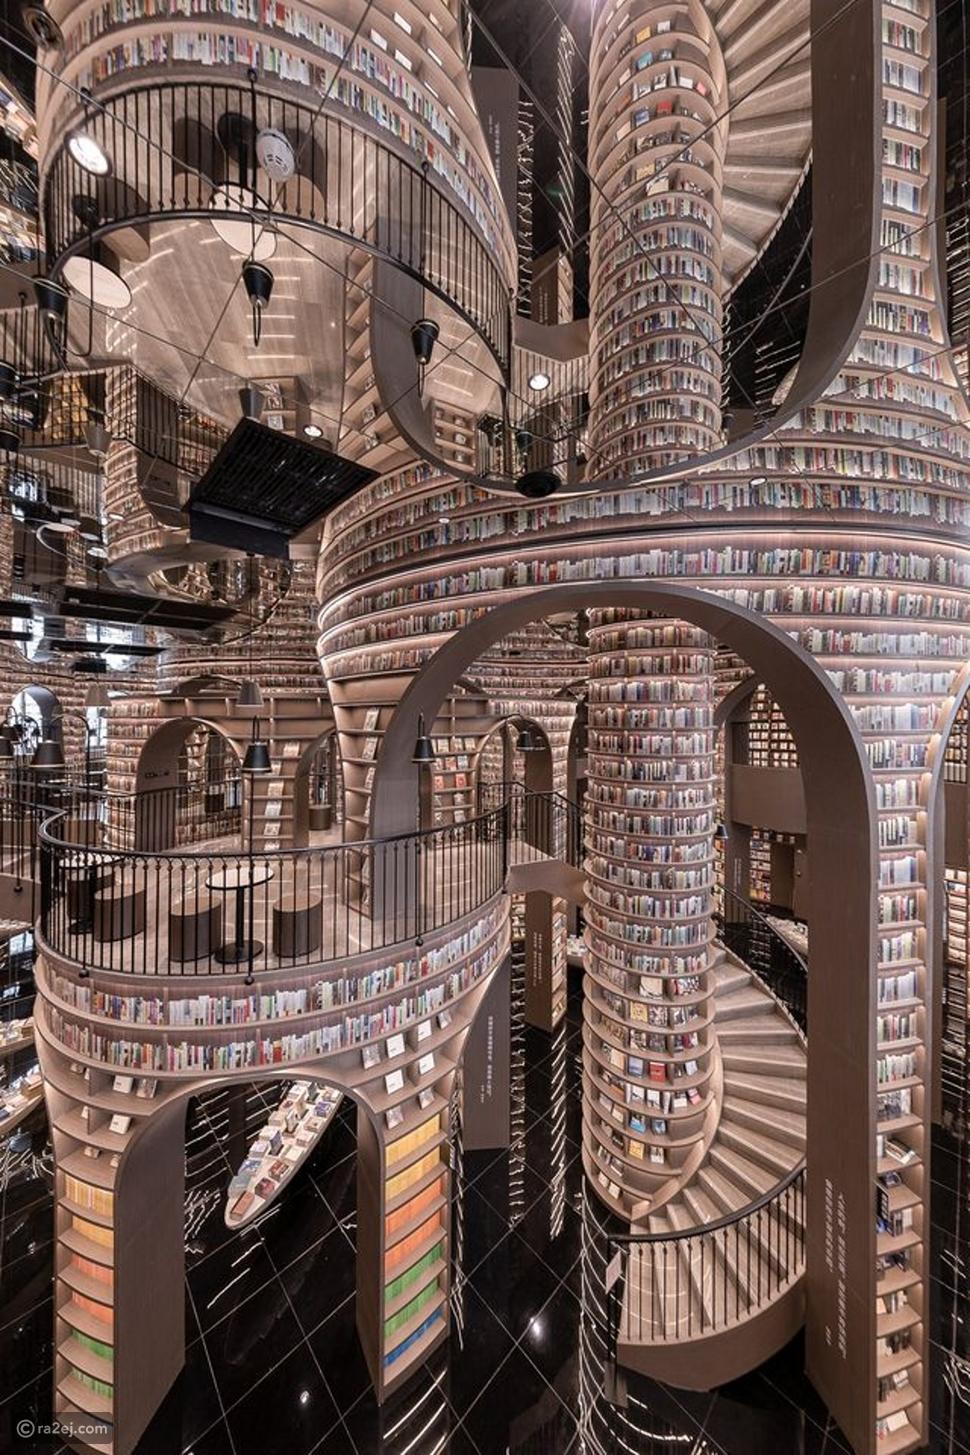 مكتبة بتصميم ساحر: جنة الكتب الصينية تجعلك ترغب في القراءة الآن